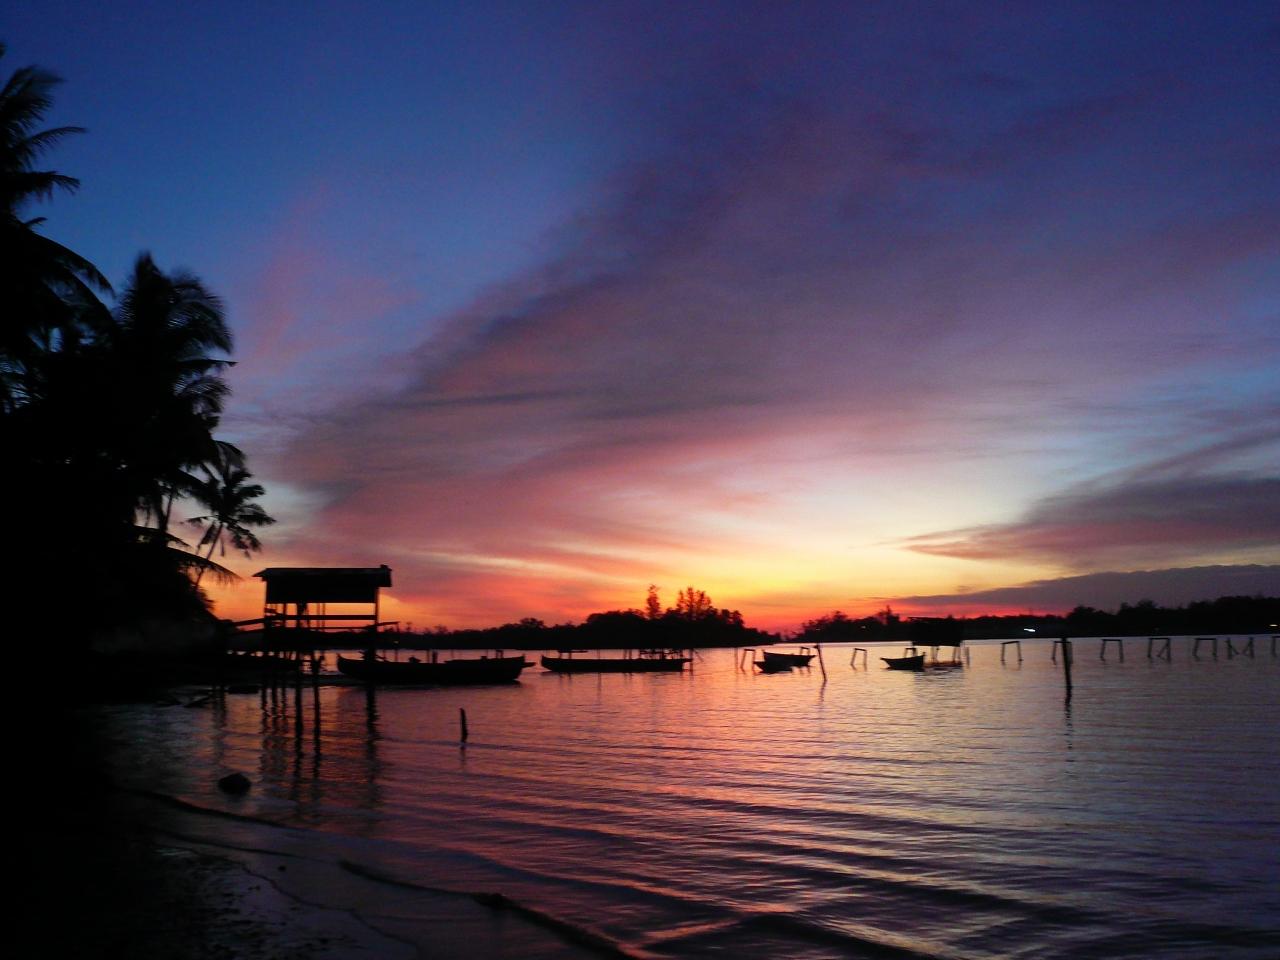 コタキナバル観光はマレーシアのおすすめ名所がいっぱい!魅惑のビーチに大感動!